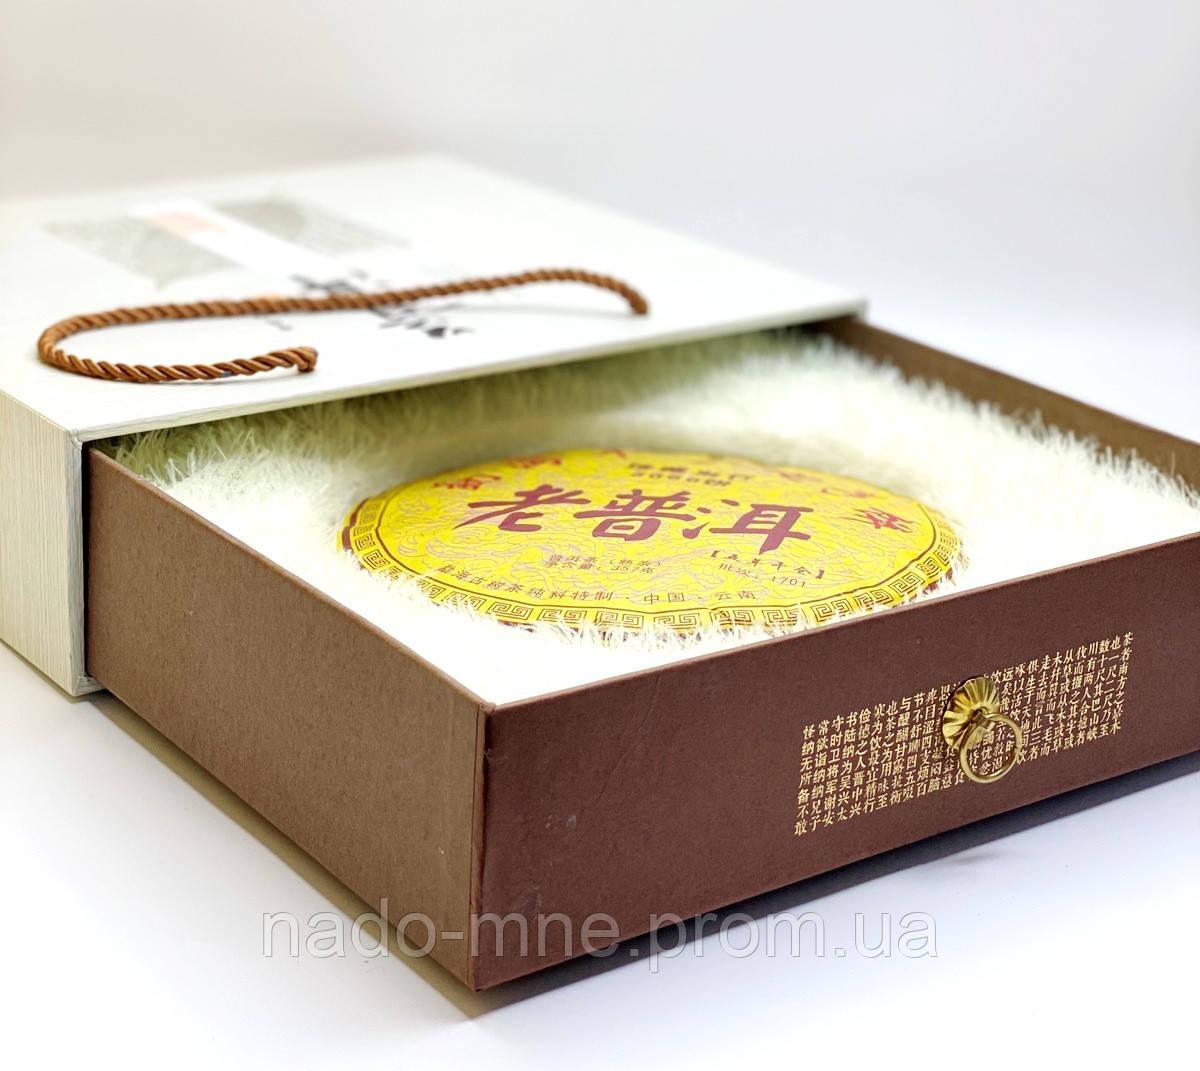 Преміум набір з чорним чаєм Шу Пуер, 357 гр